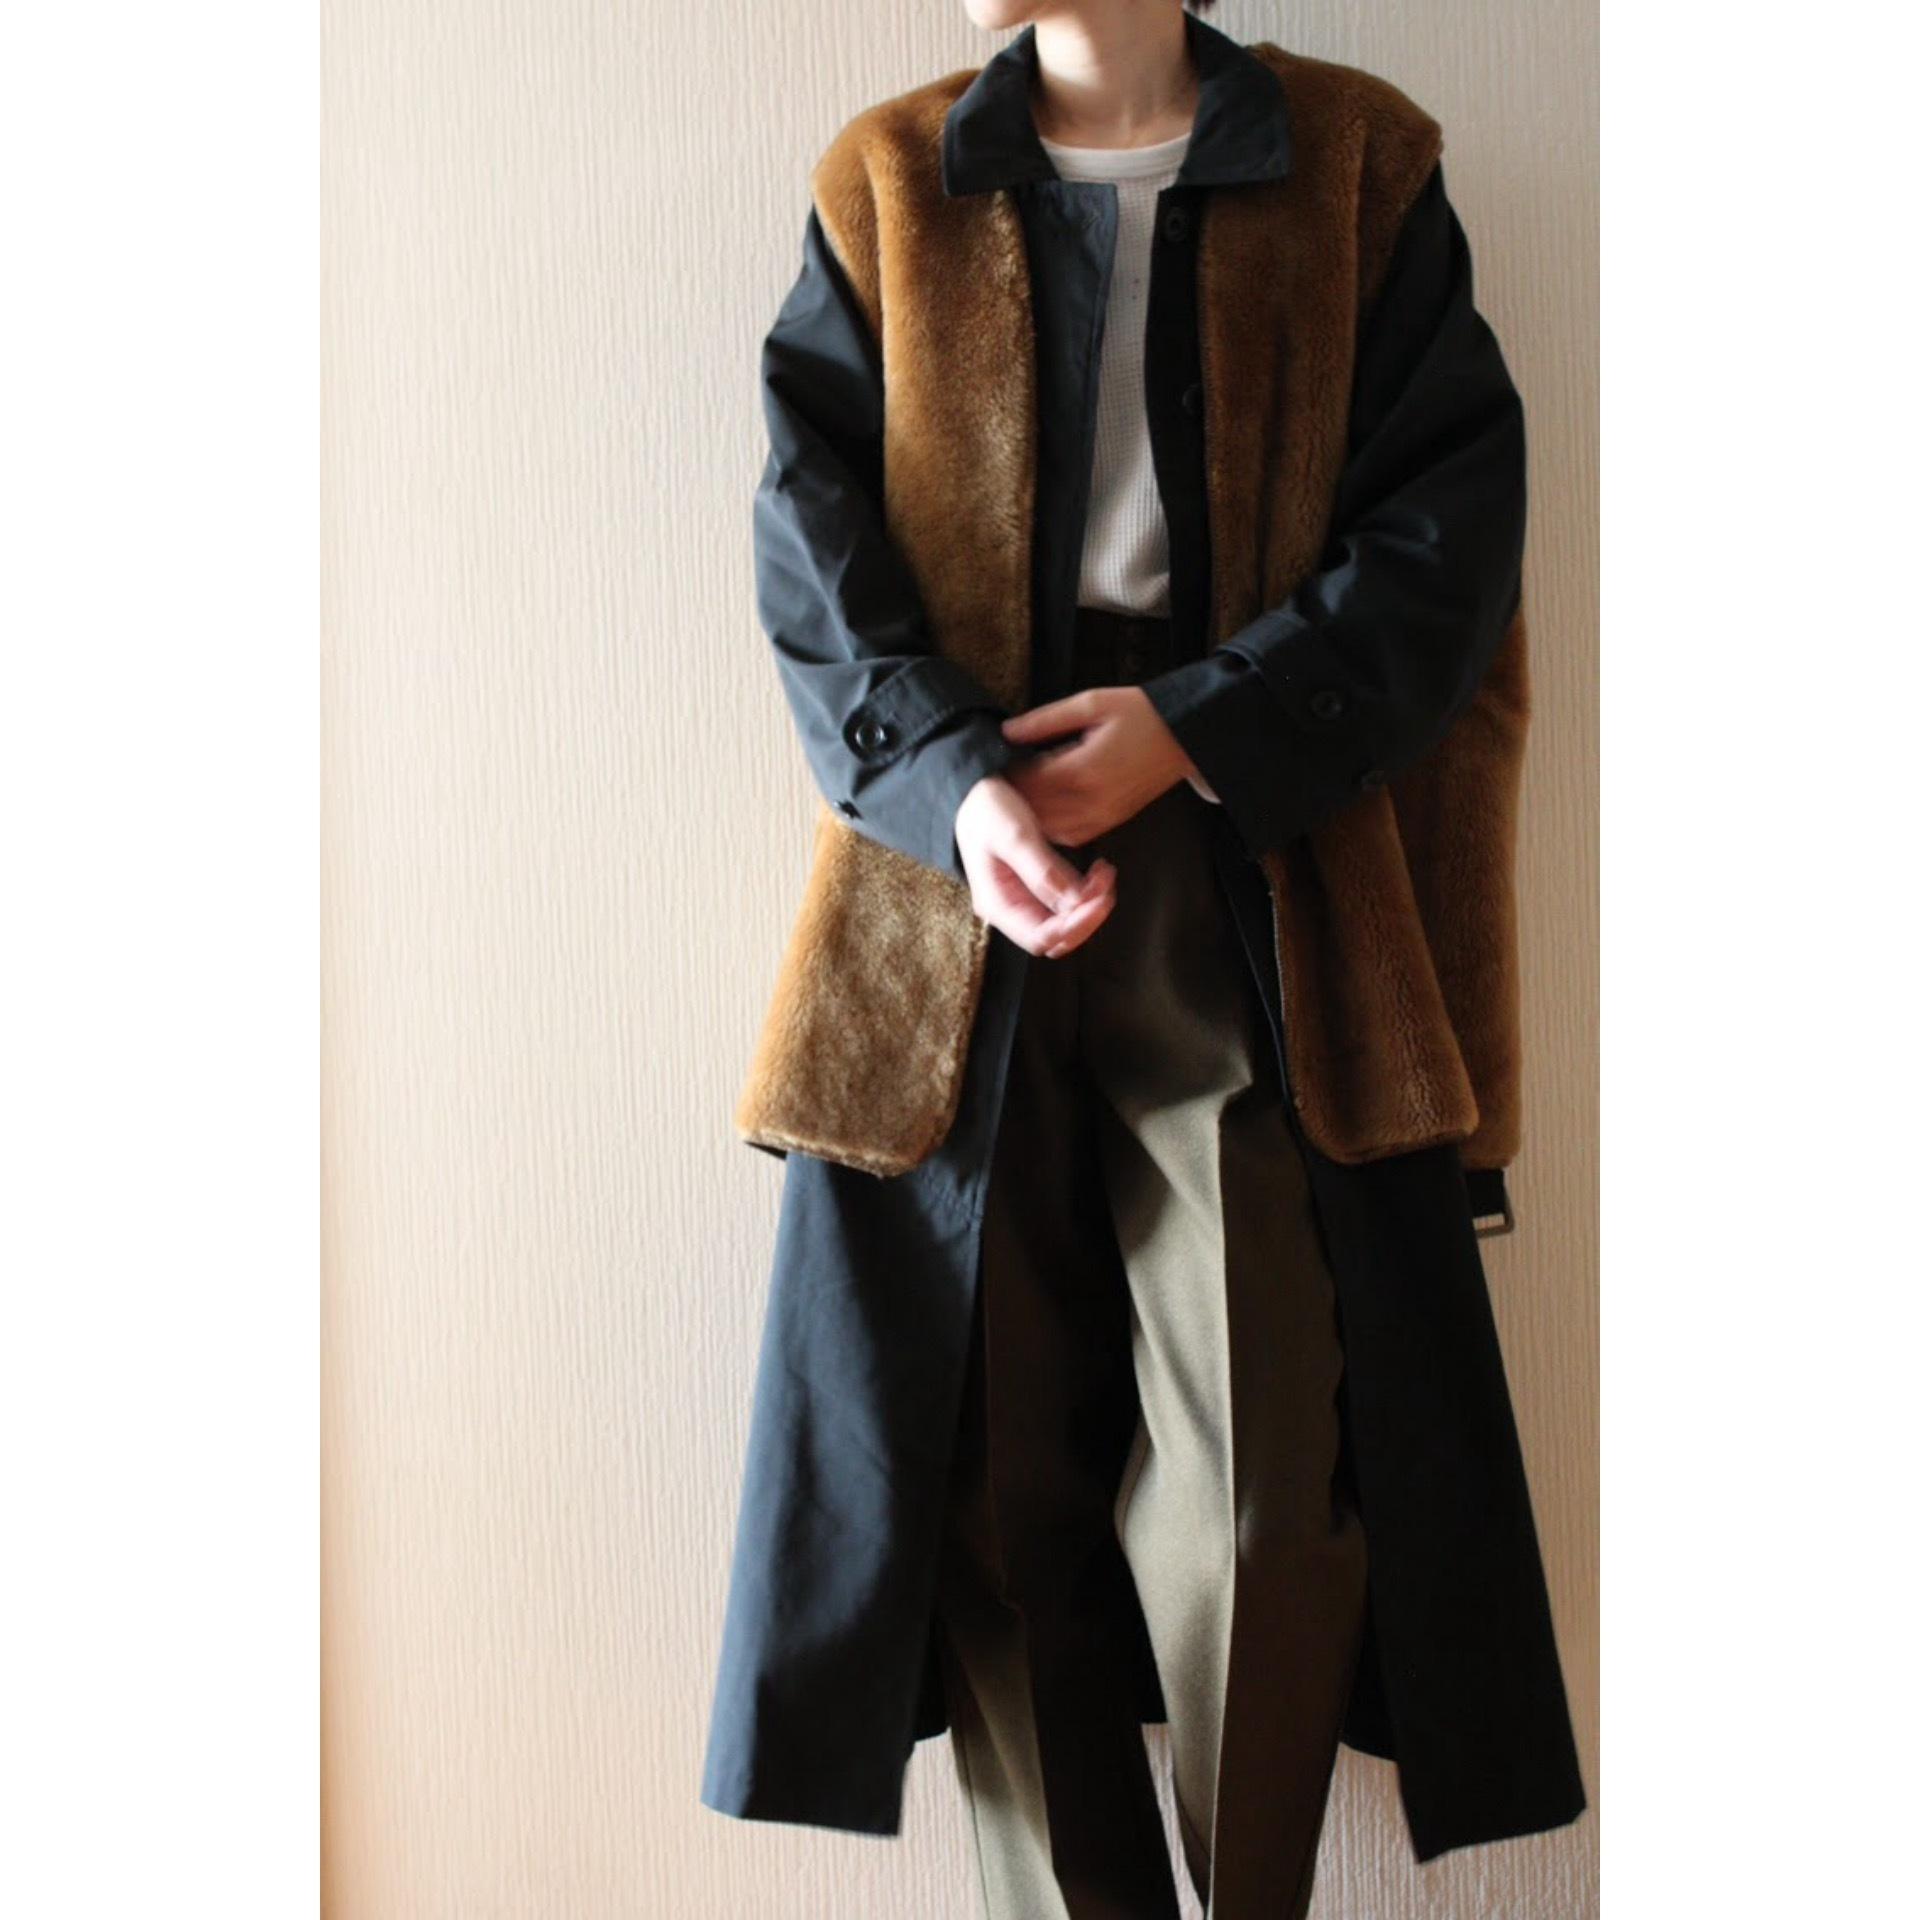 Vintage fake fur liner vest by Barbour